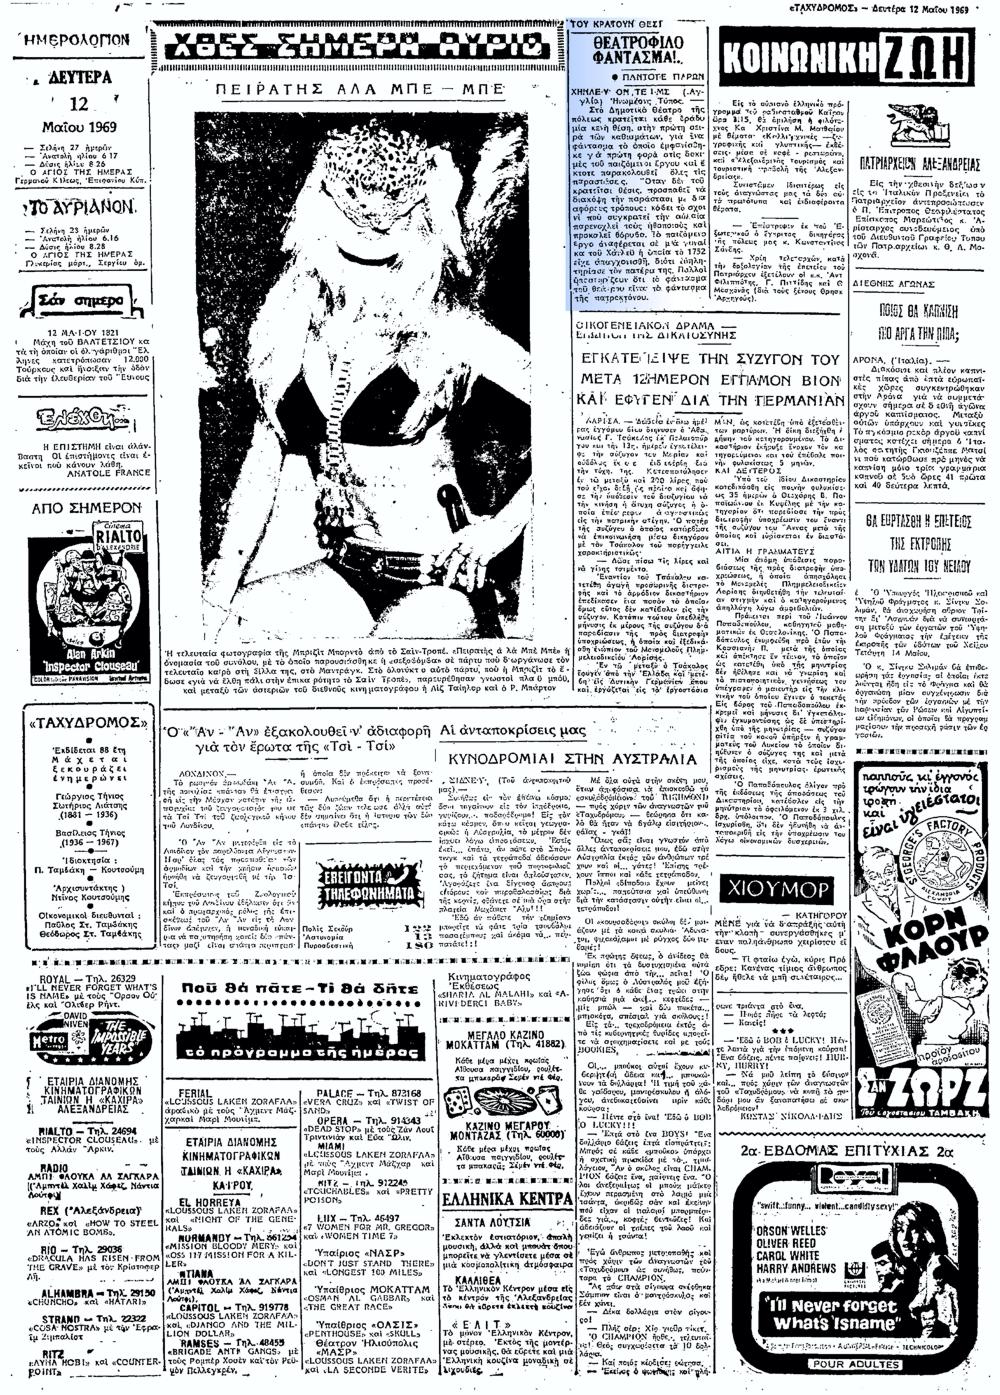 """Το άρθρο, όπως δημοσιεύθηκε στην εφημερίδα """"ΤΑΧΥΔΡΟΜΟΣ"""", στις 12/05/1969"""